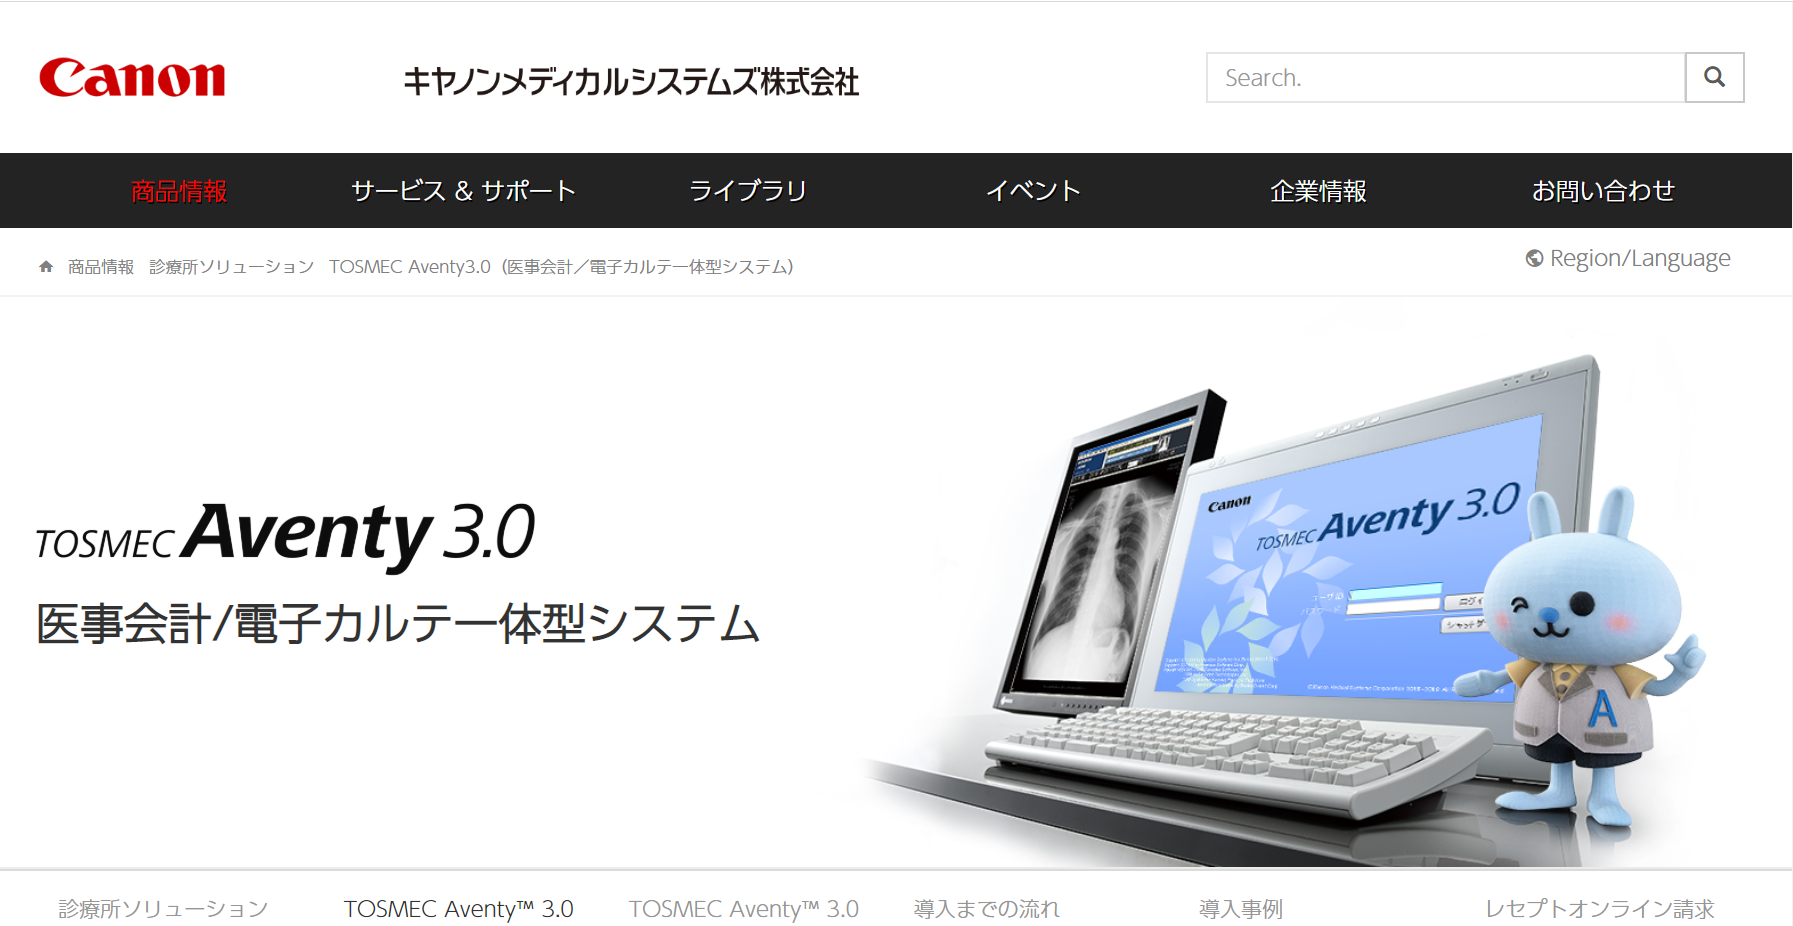 TOSMEC Aventy3.0